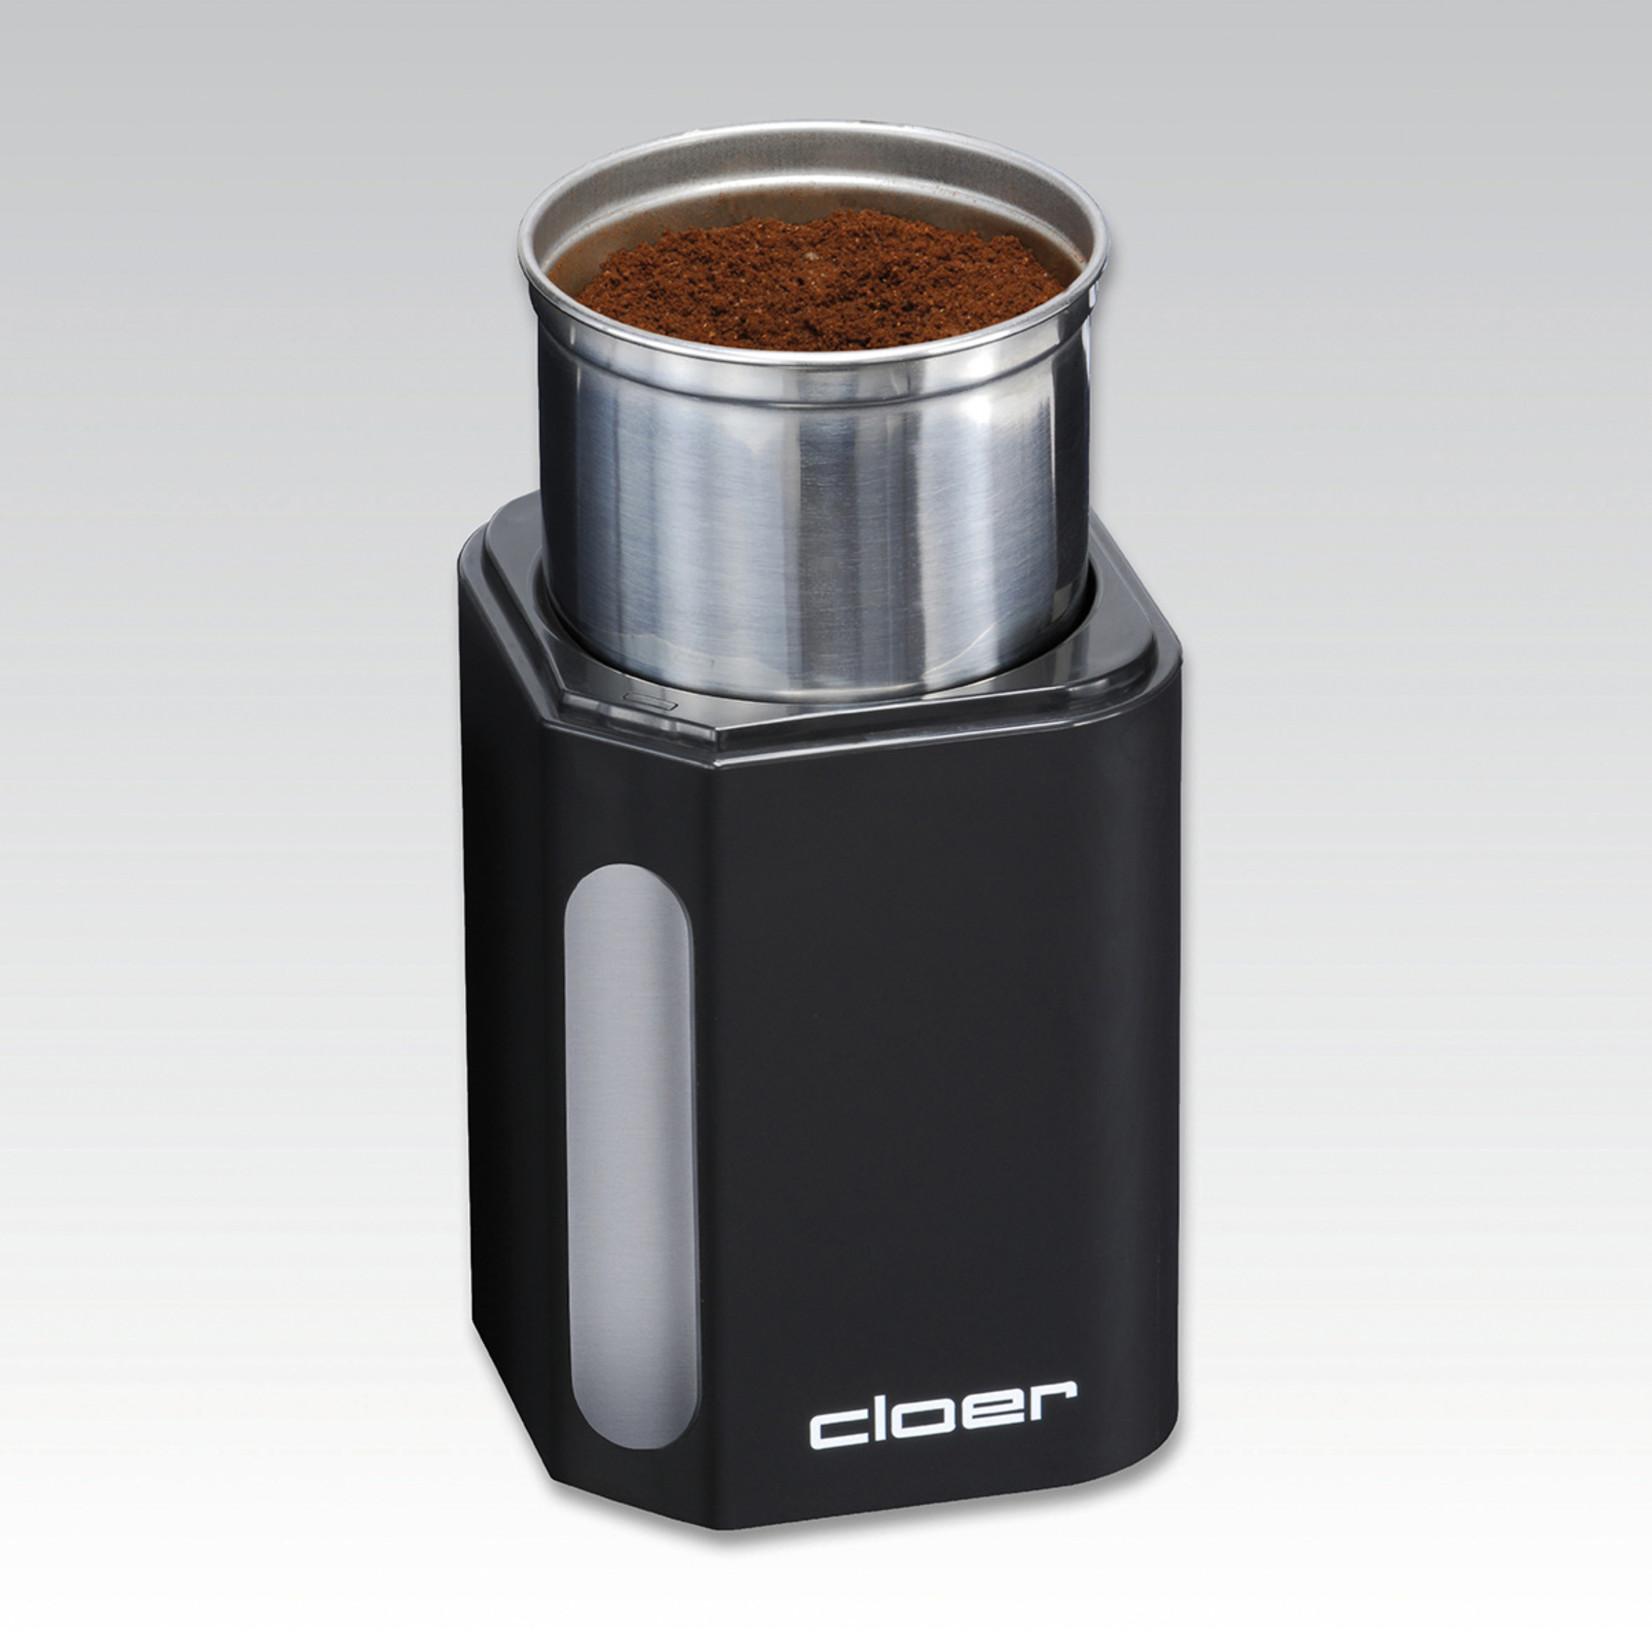 Cloer Cloer koffiemolen 7580